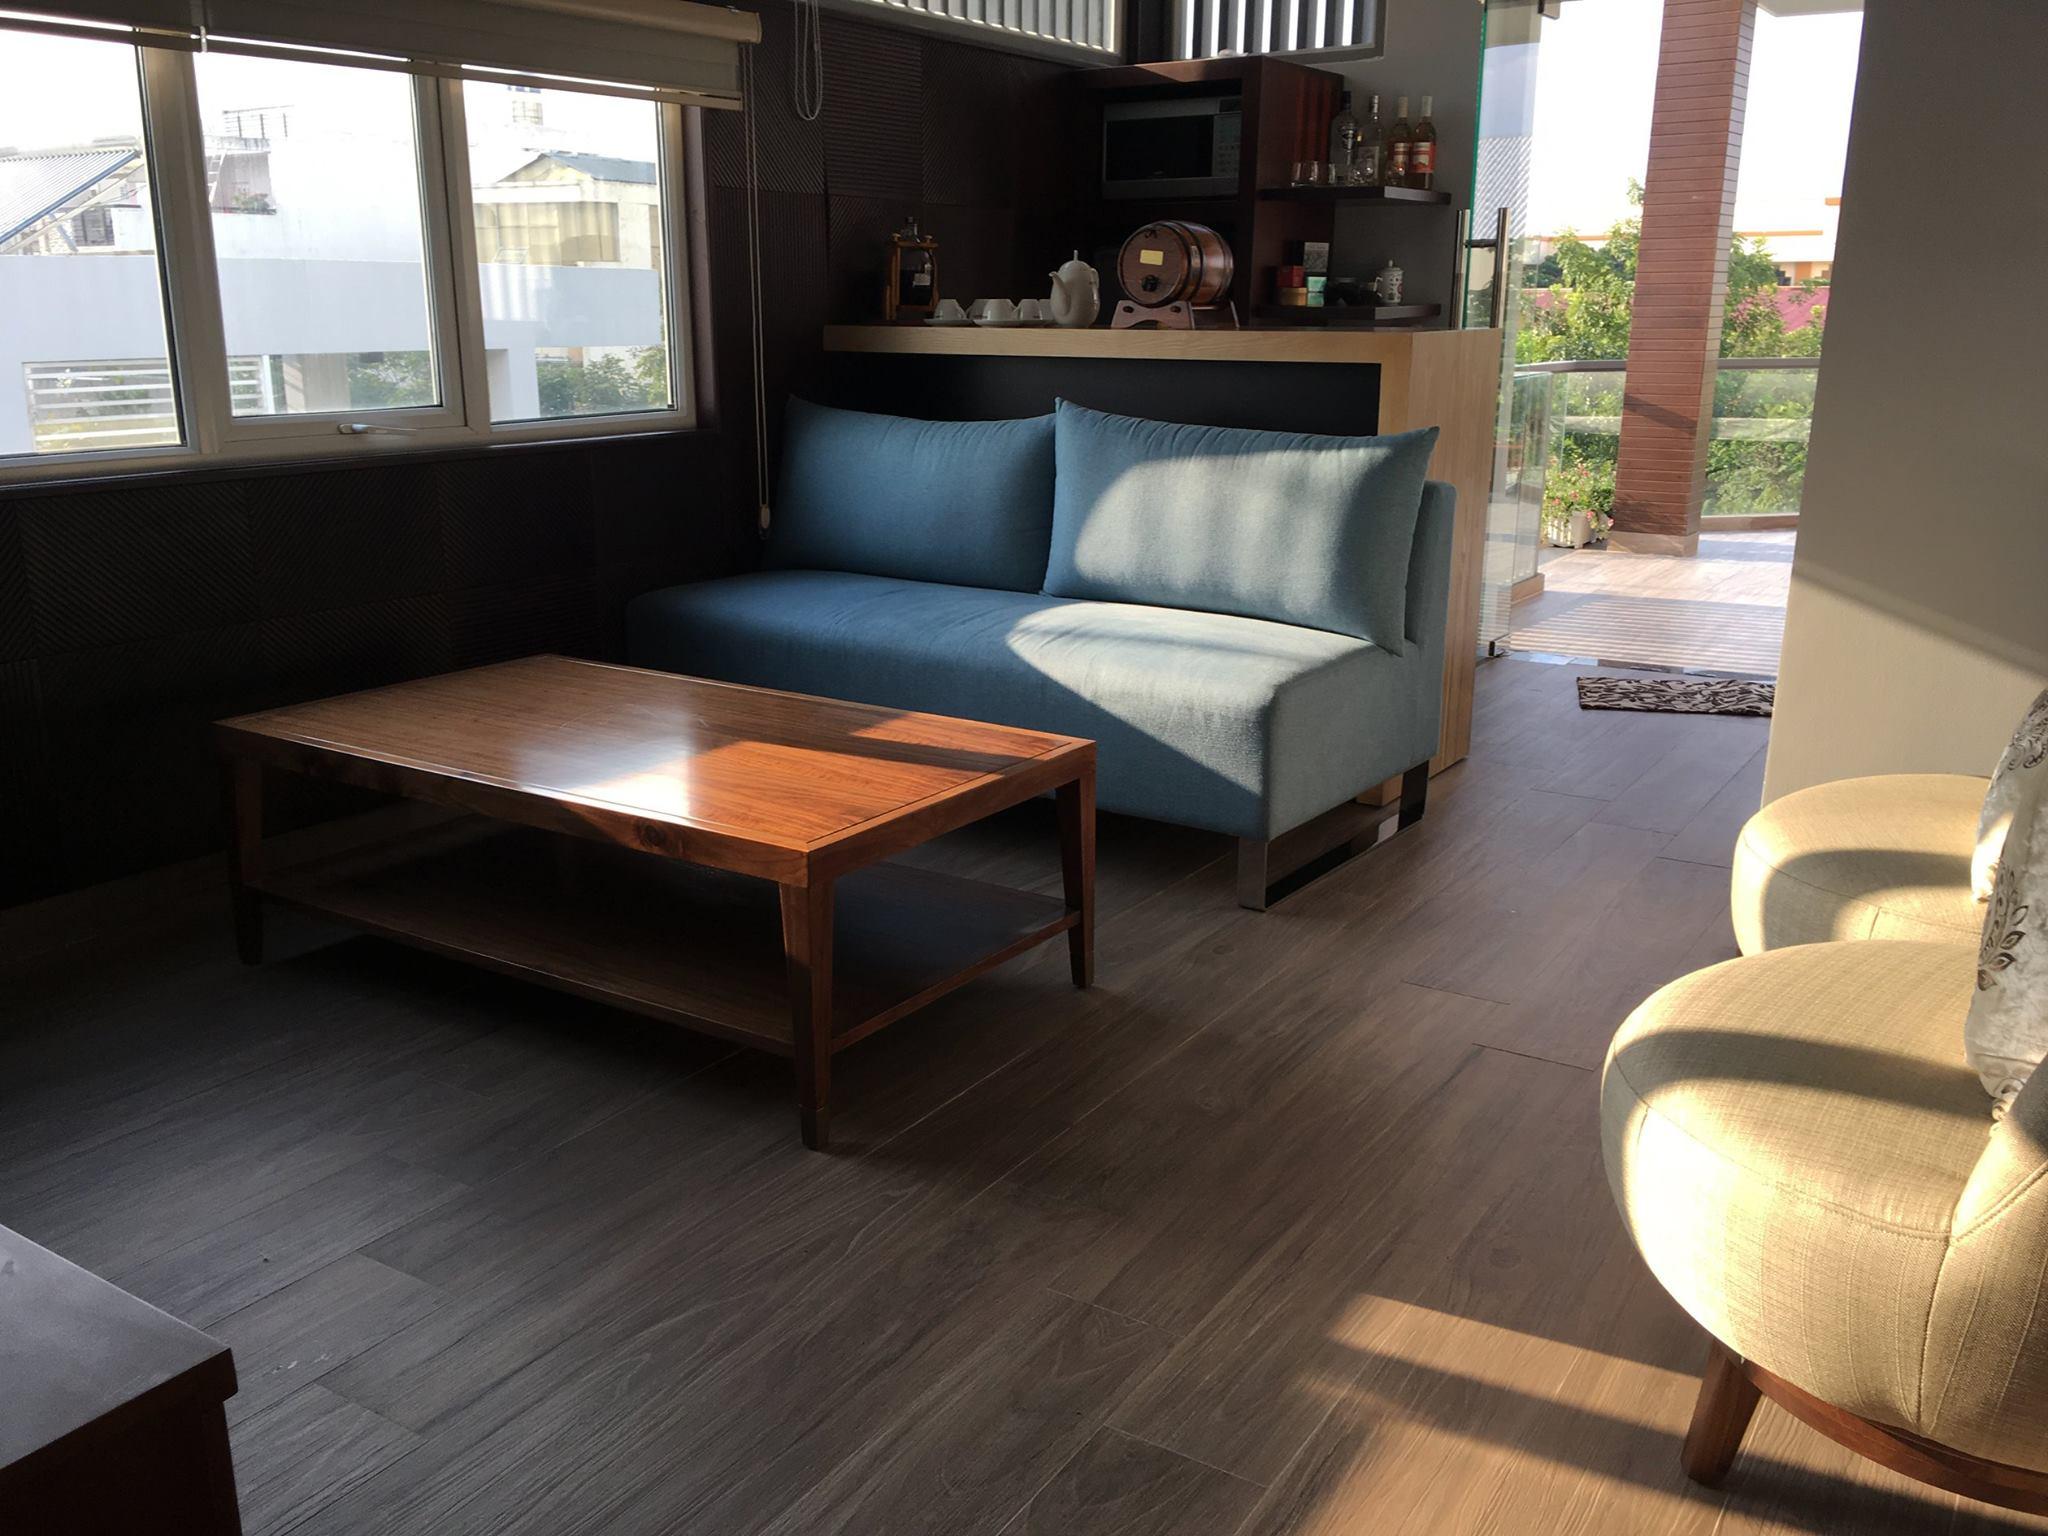 Nếu bạn là một người hoài cổ và yêu thích những gì truyền thống, mặt sàn gỗ là lựa chọn hàng đầu.